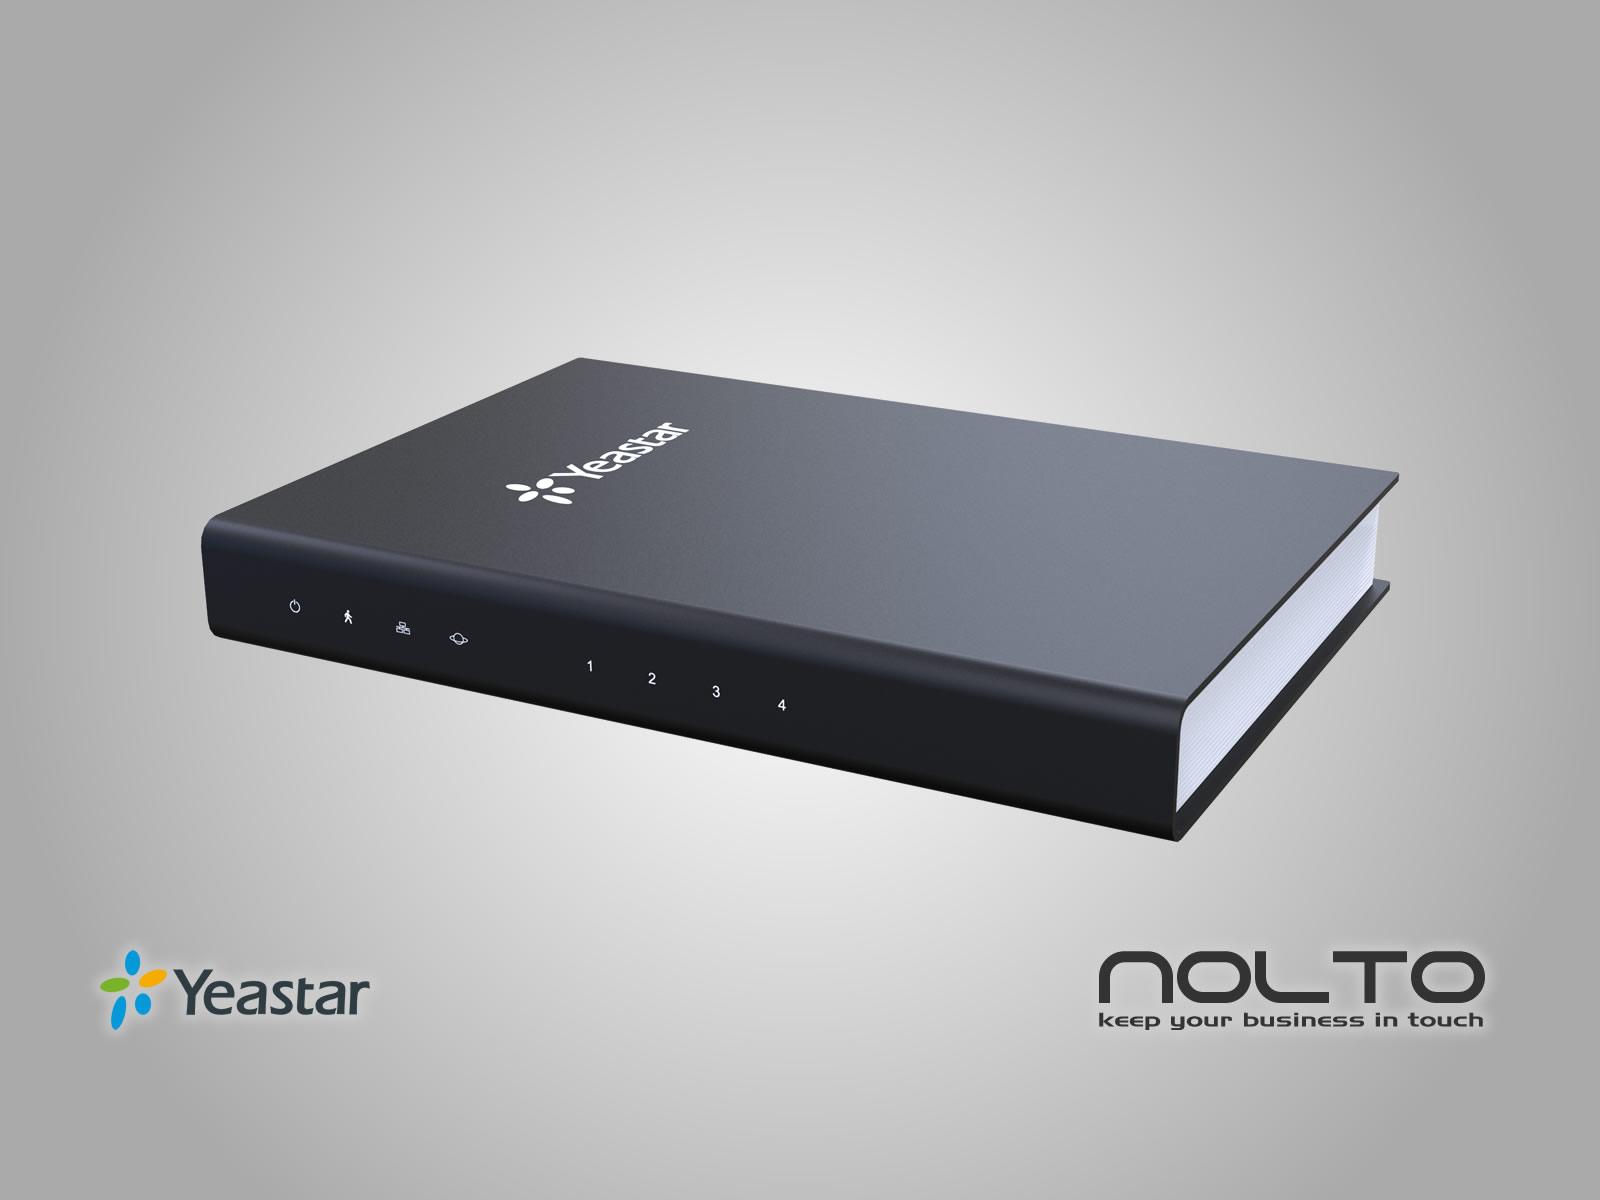 Yeastar TA410 FXO VoIP Gateway